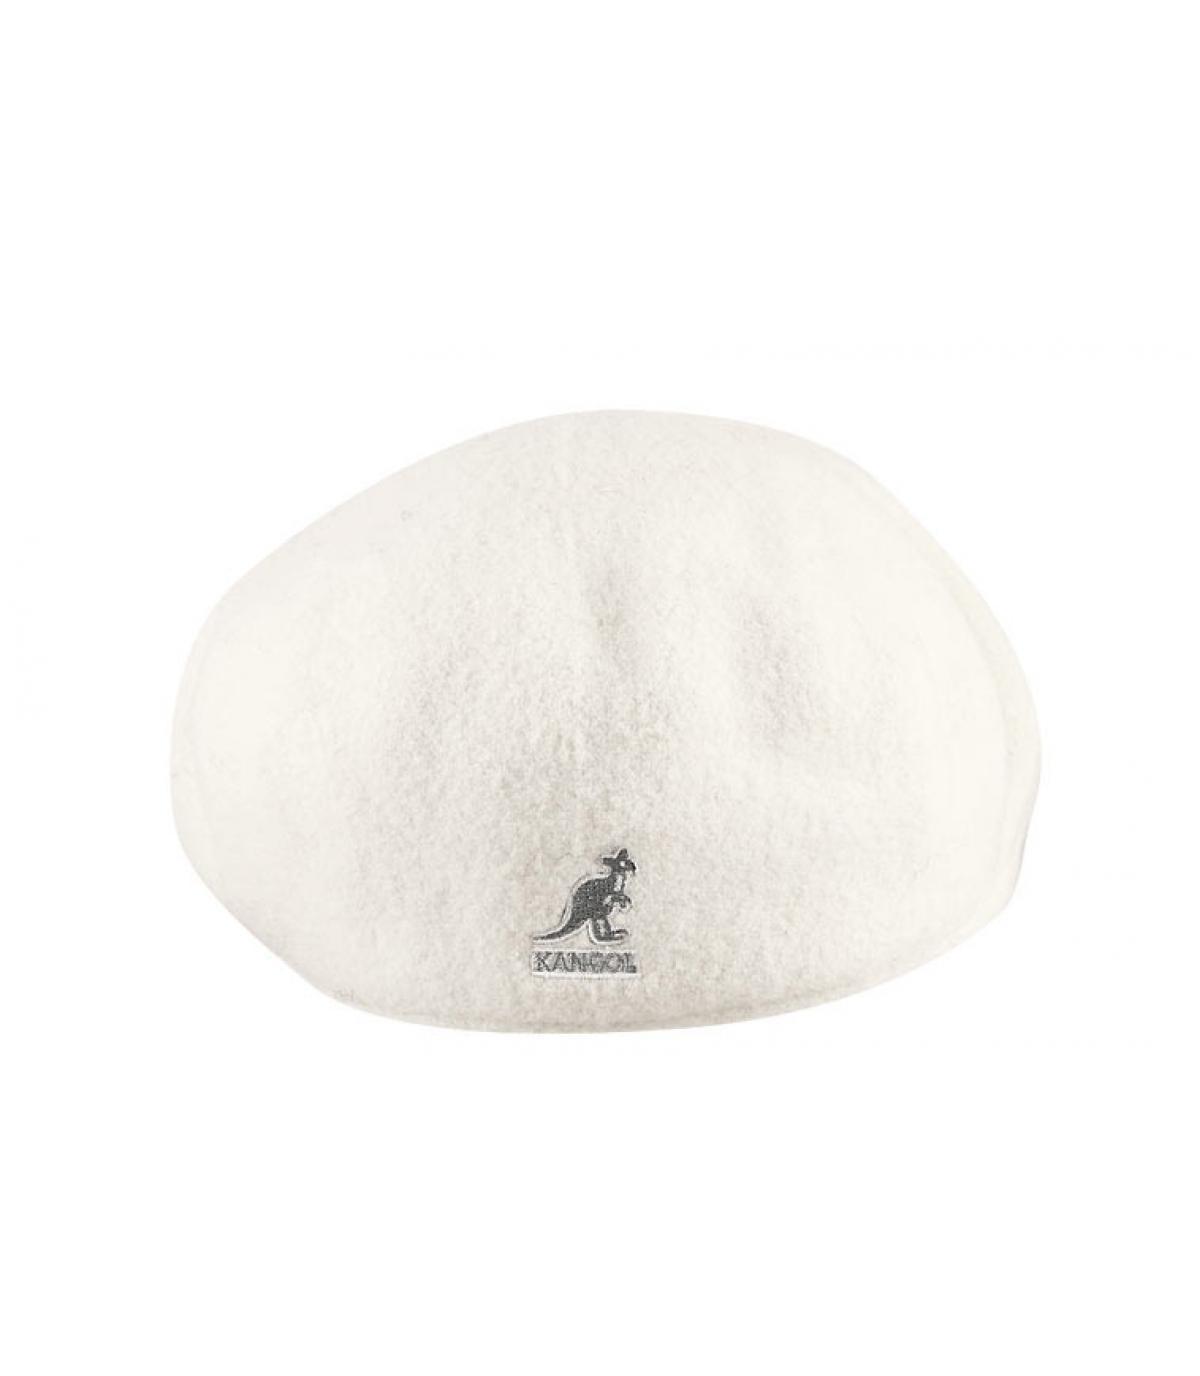 Détails 504 wool blanc - image 4